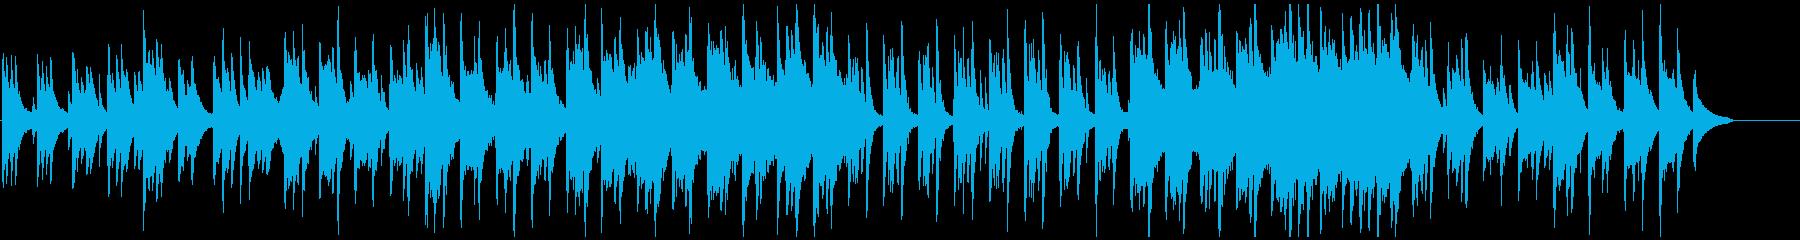 草原のようなピアノベースのバラードBGMの再生済みの波形